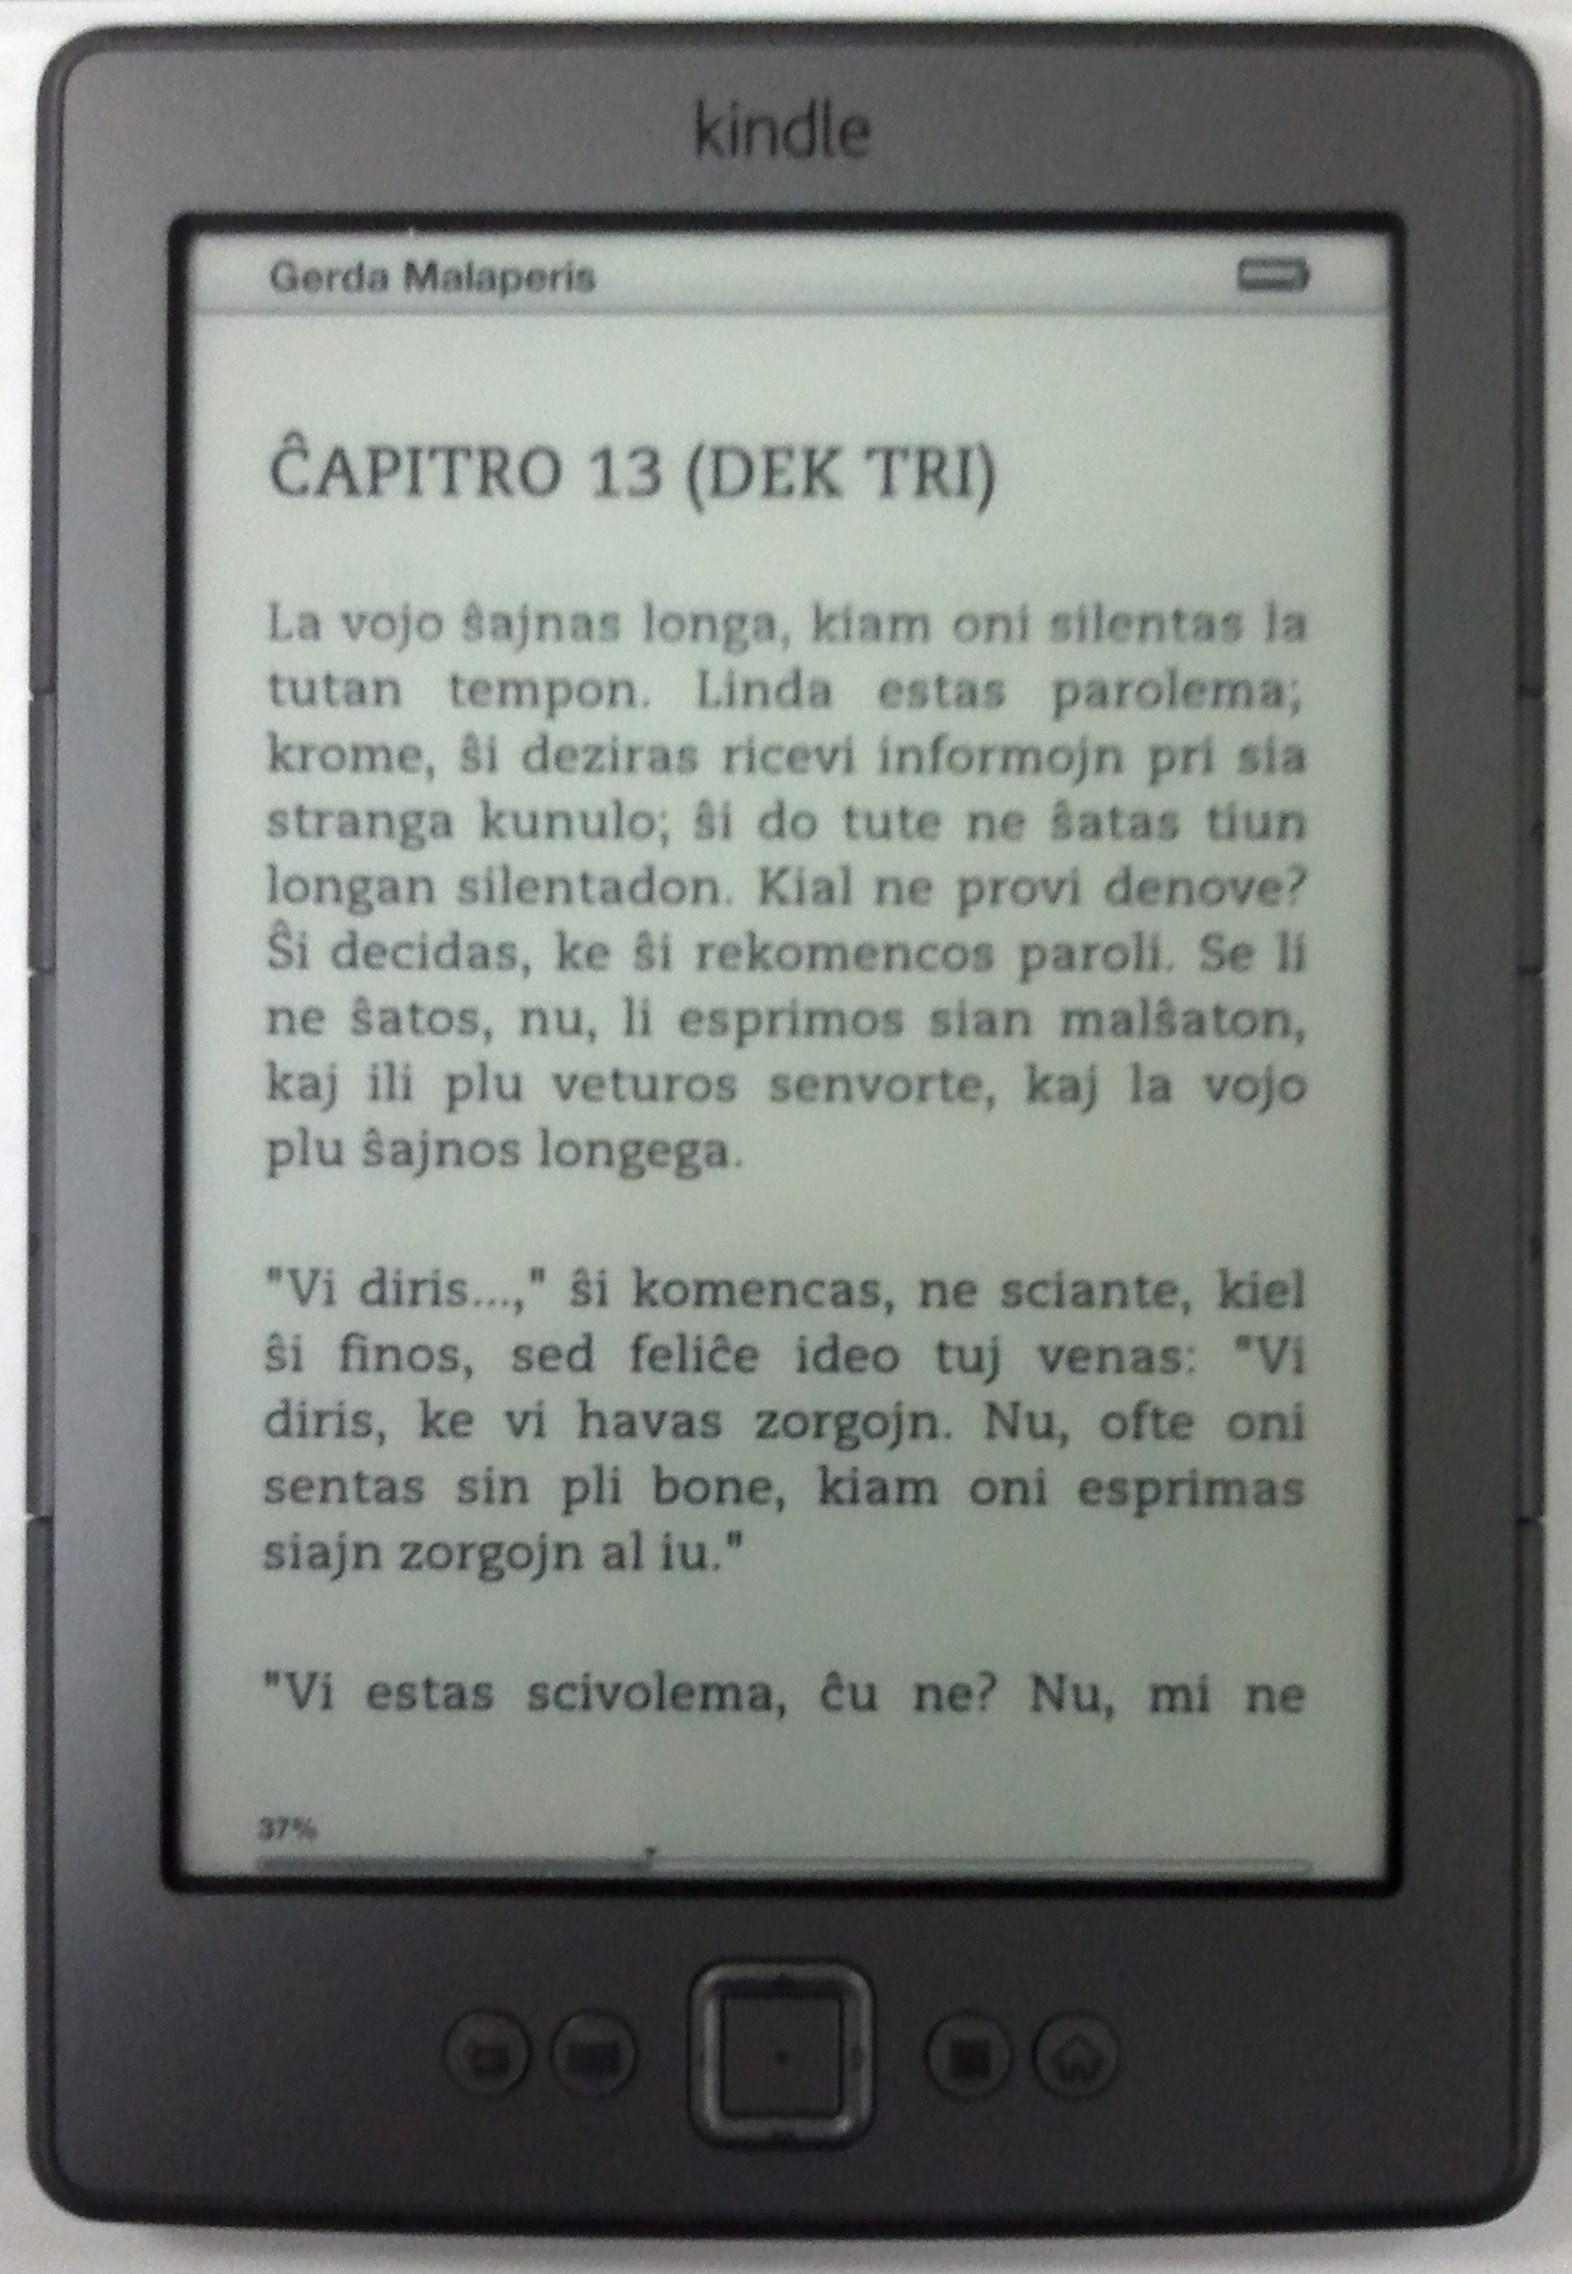 Kindle 4[edit]